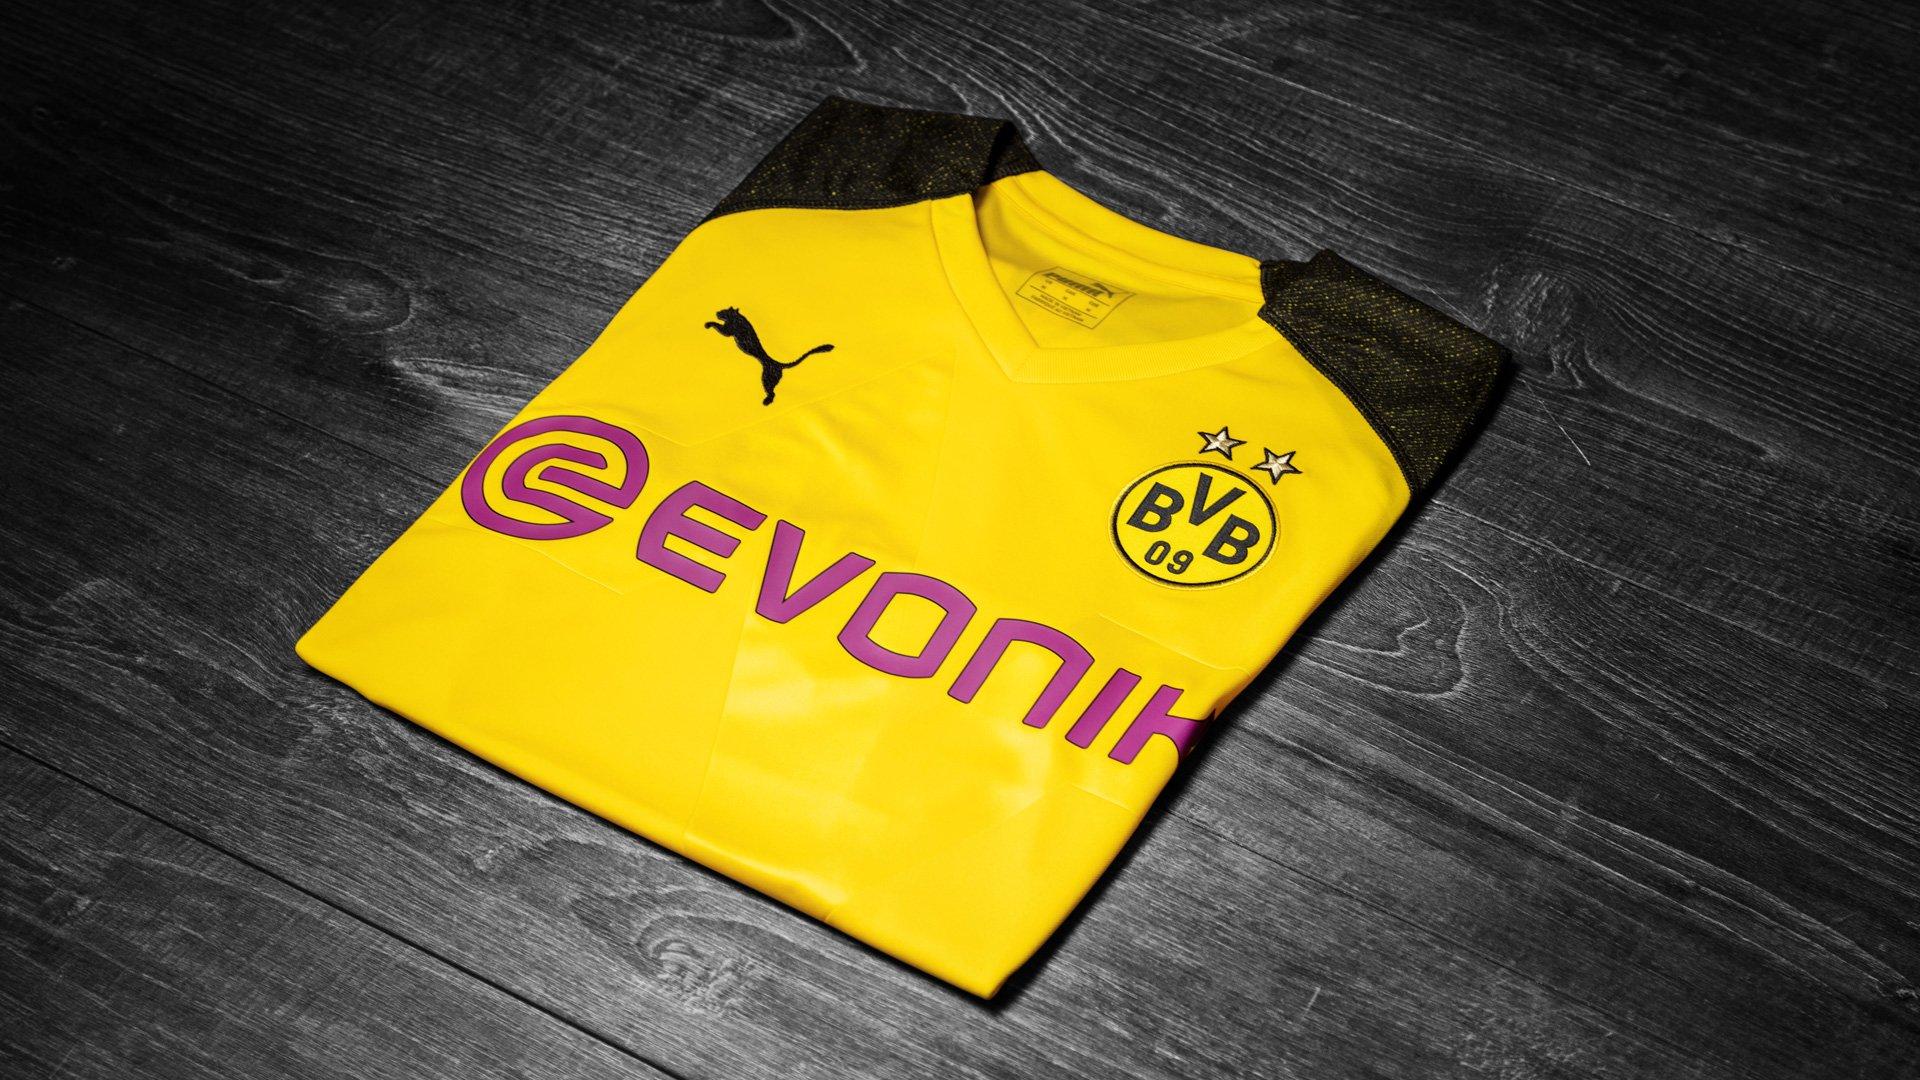 maillot domicile du Borussia Dortmund pour la saison 2018/19